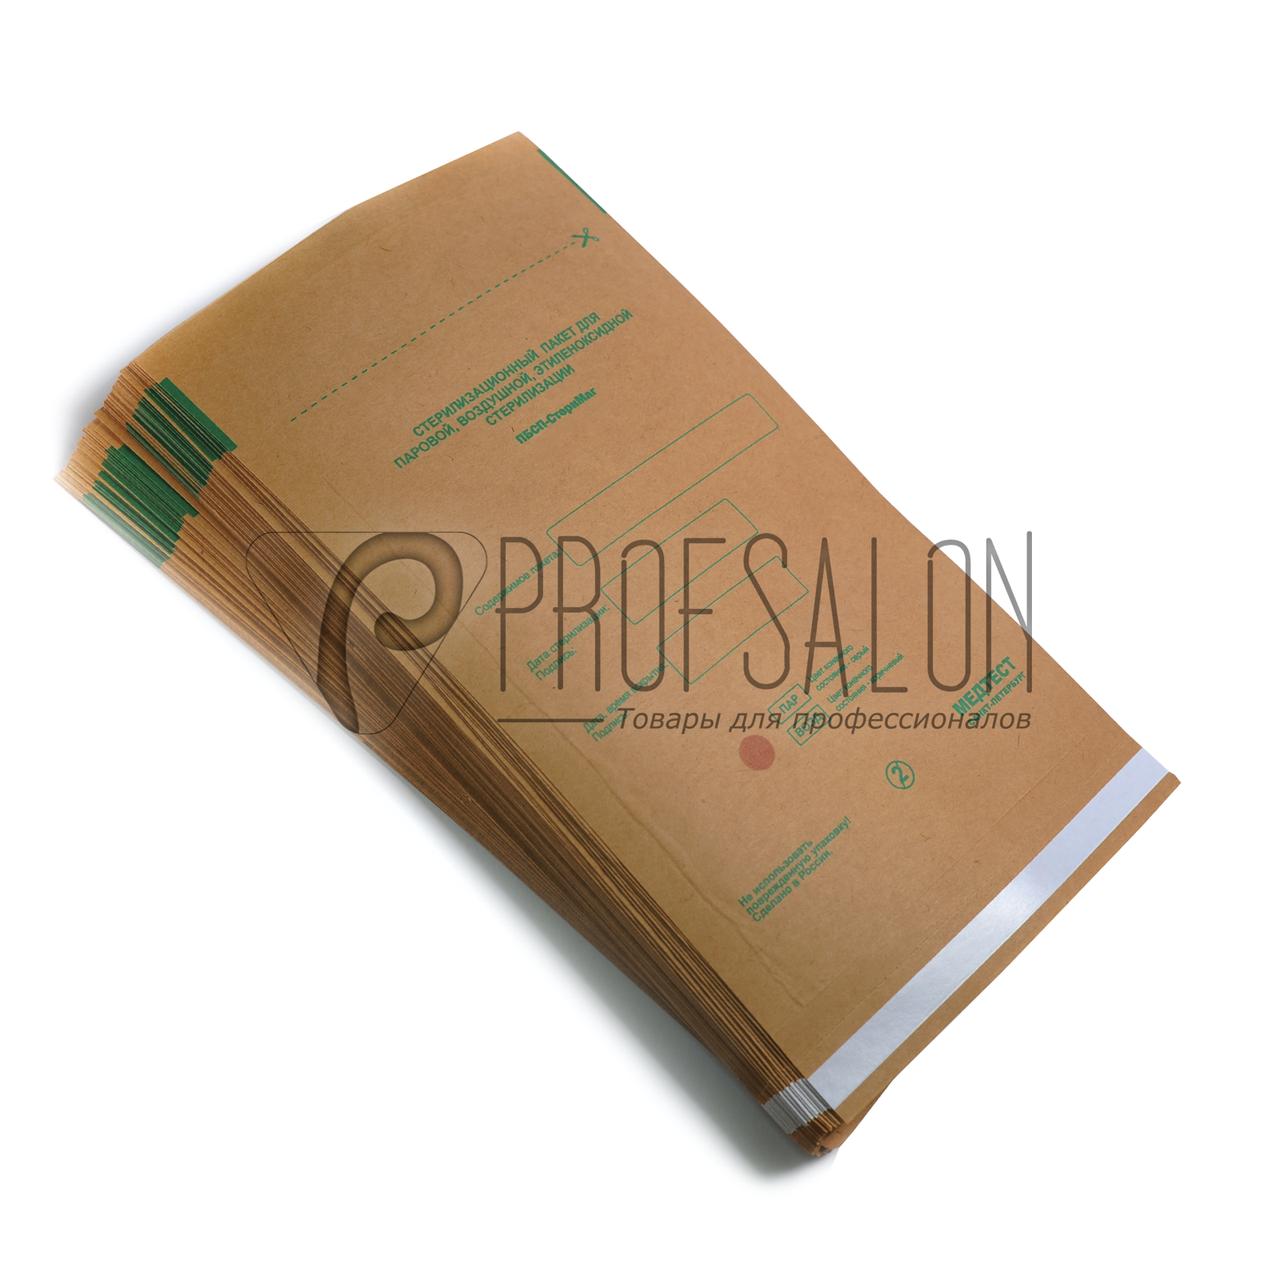 Пакеты для паровой, воздушной, этиленоксидной стерилизации, бумажные самоклеющиеся, плоские Размер: 150 х 280 (крафт) Кол-во: 100 шт.